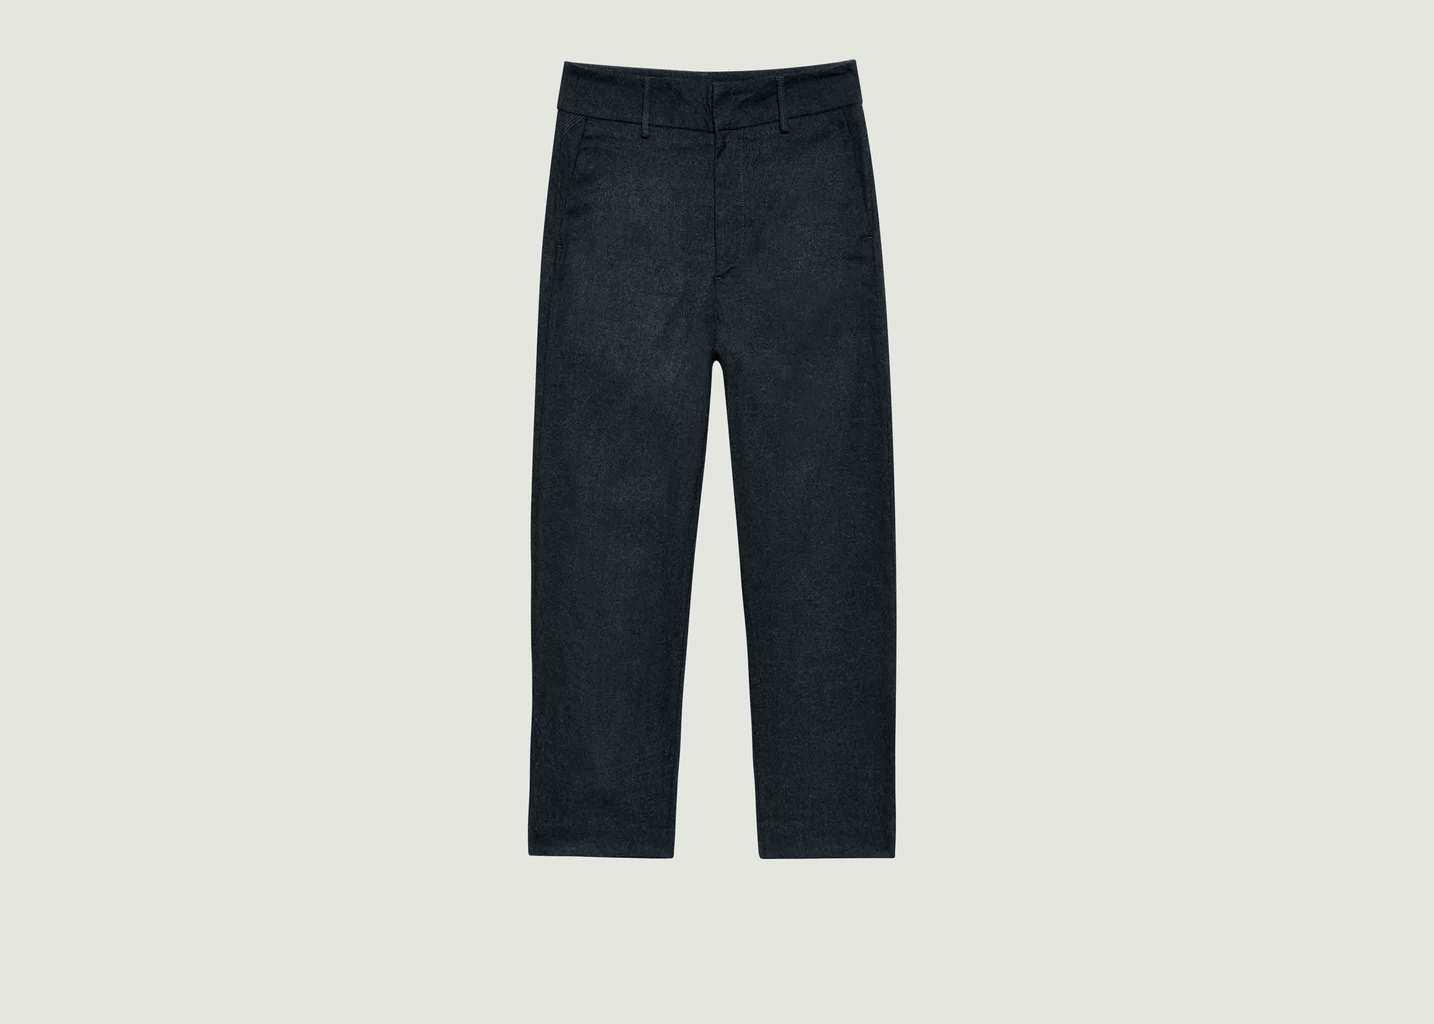 Pantalon Luis - Reiko